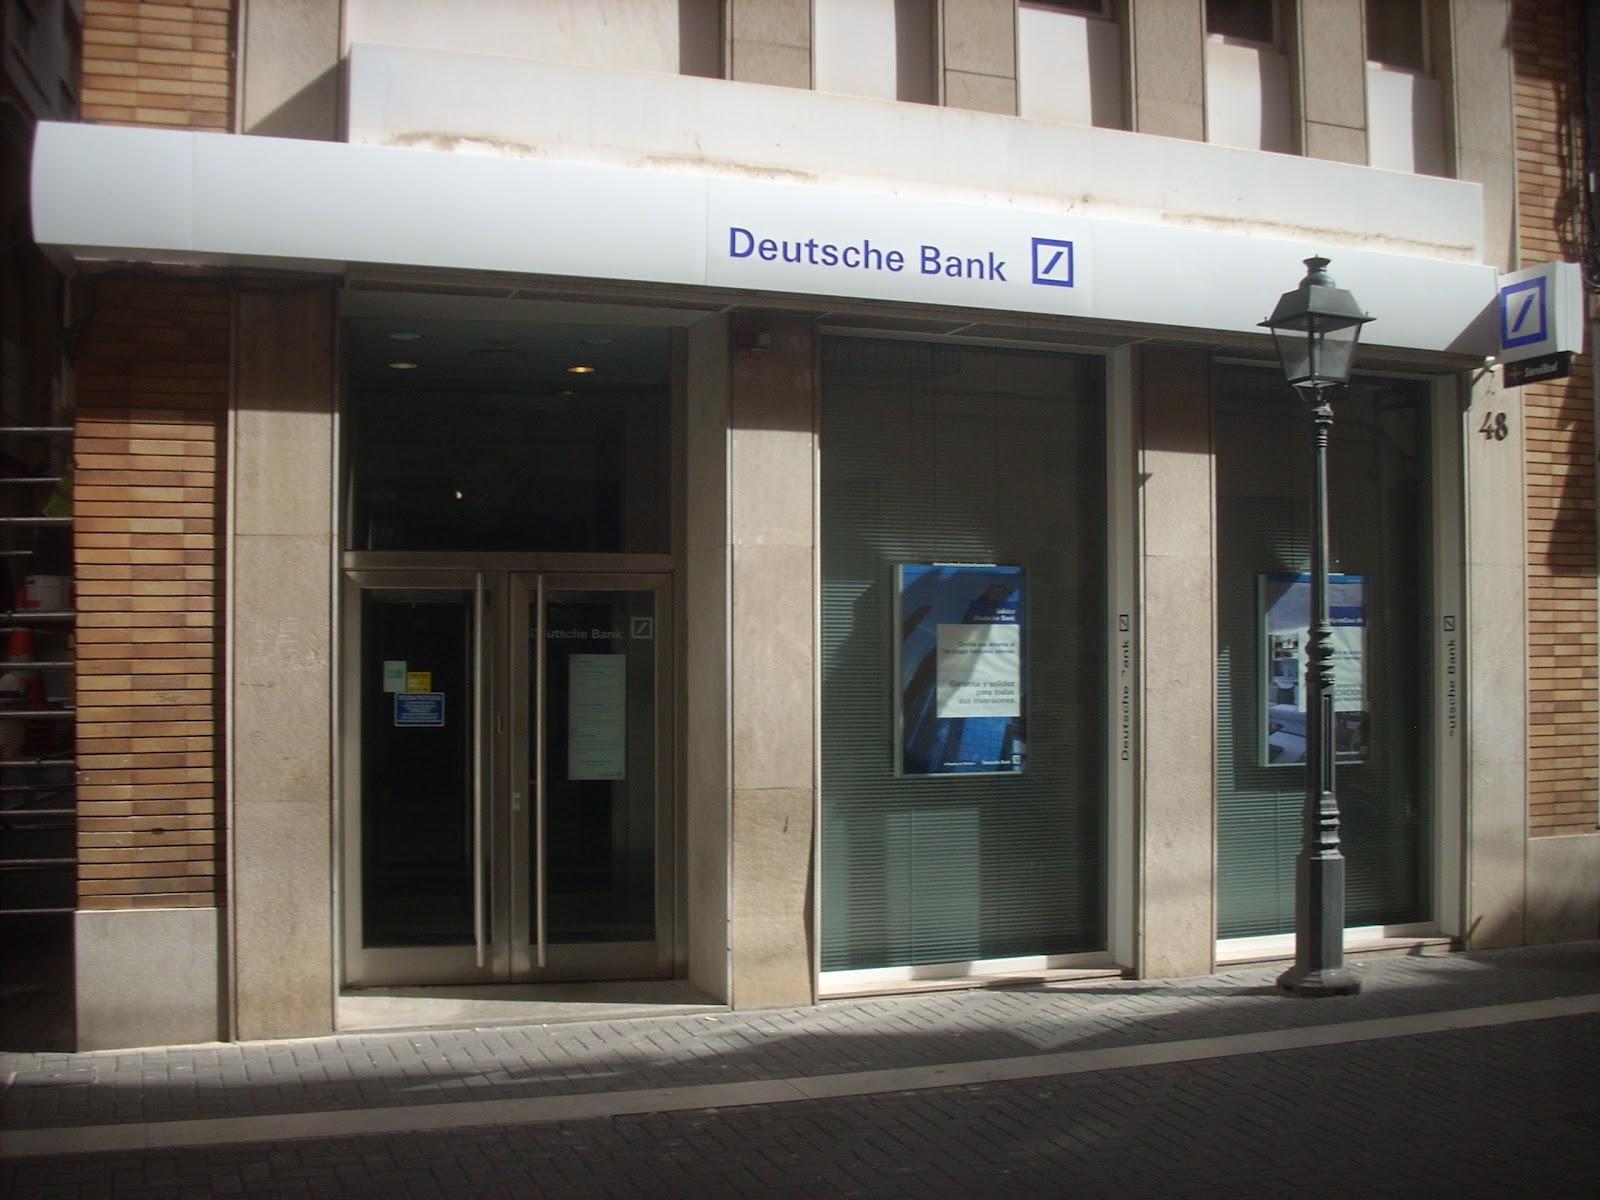 Montarotul montajes profesionales restyling deutsche bank for Oficinas de deutsche bank en madrid